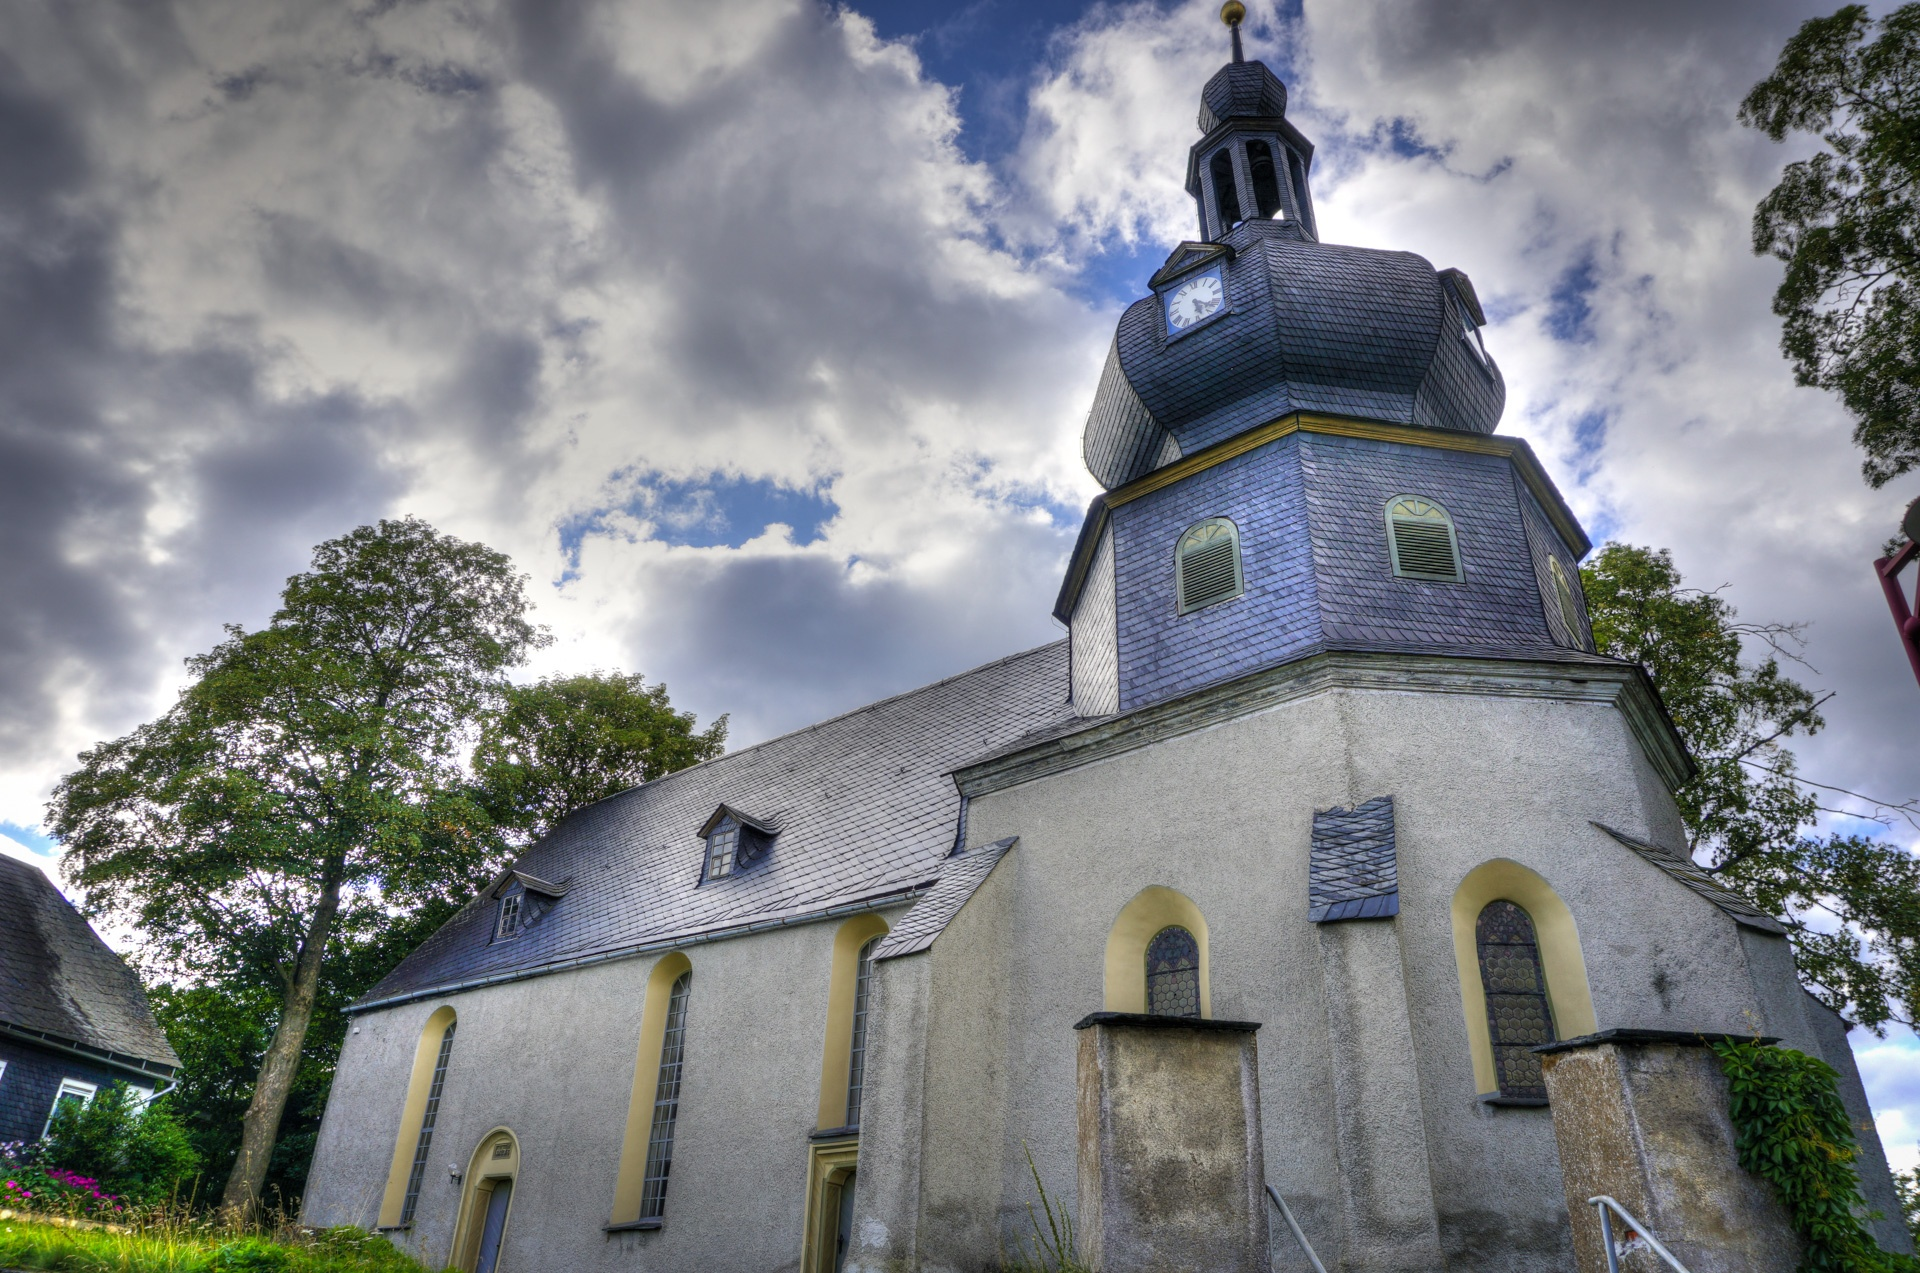 Dorfkirche Lichtentanne • Kirche » Das digitale Wegenetz